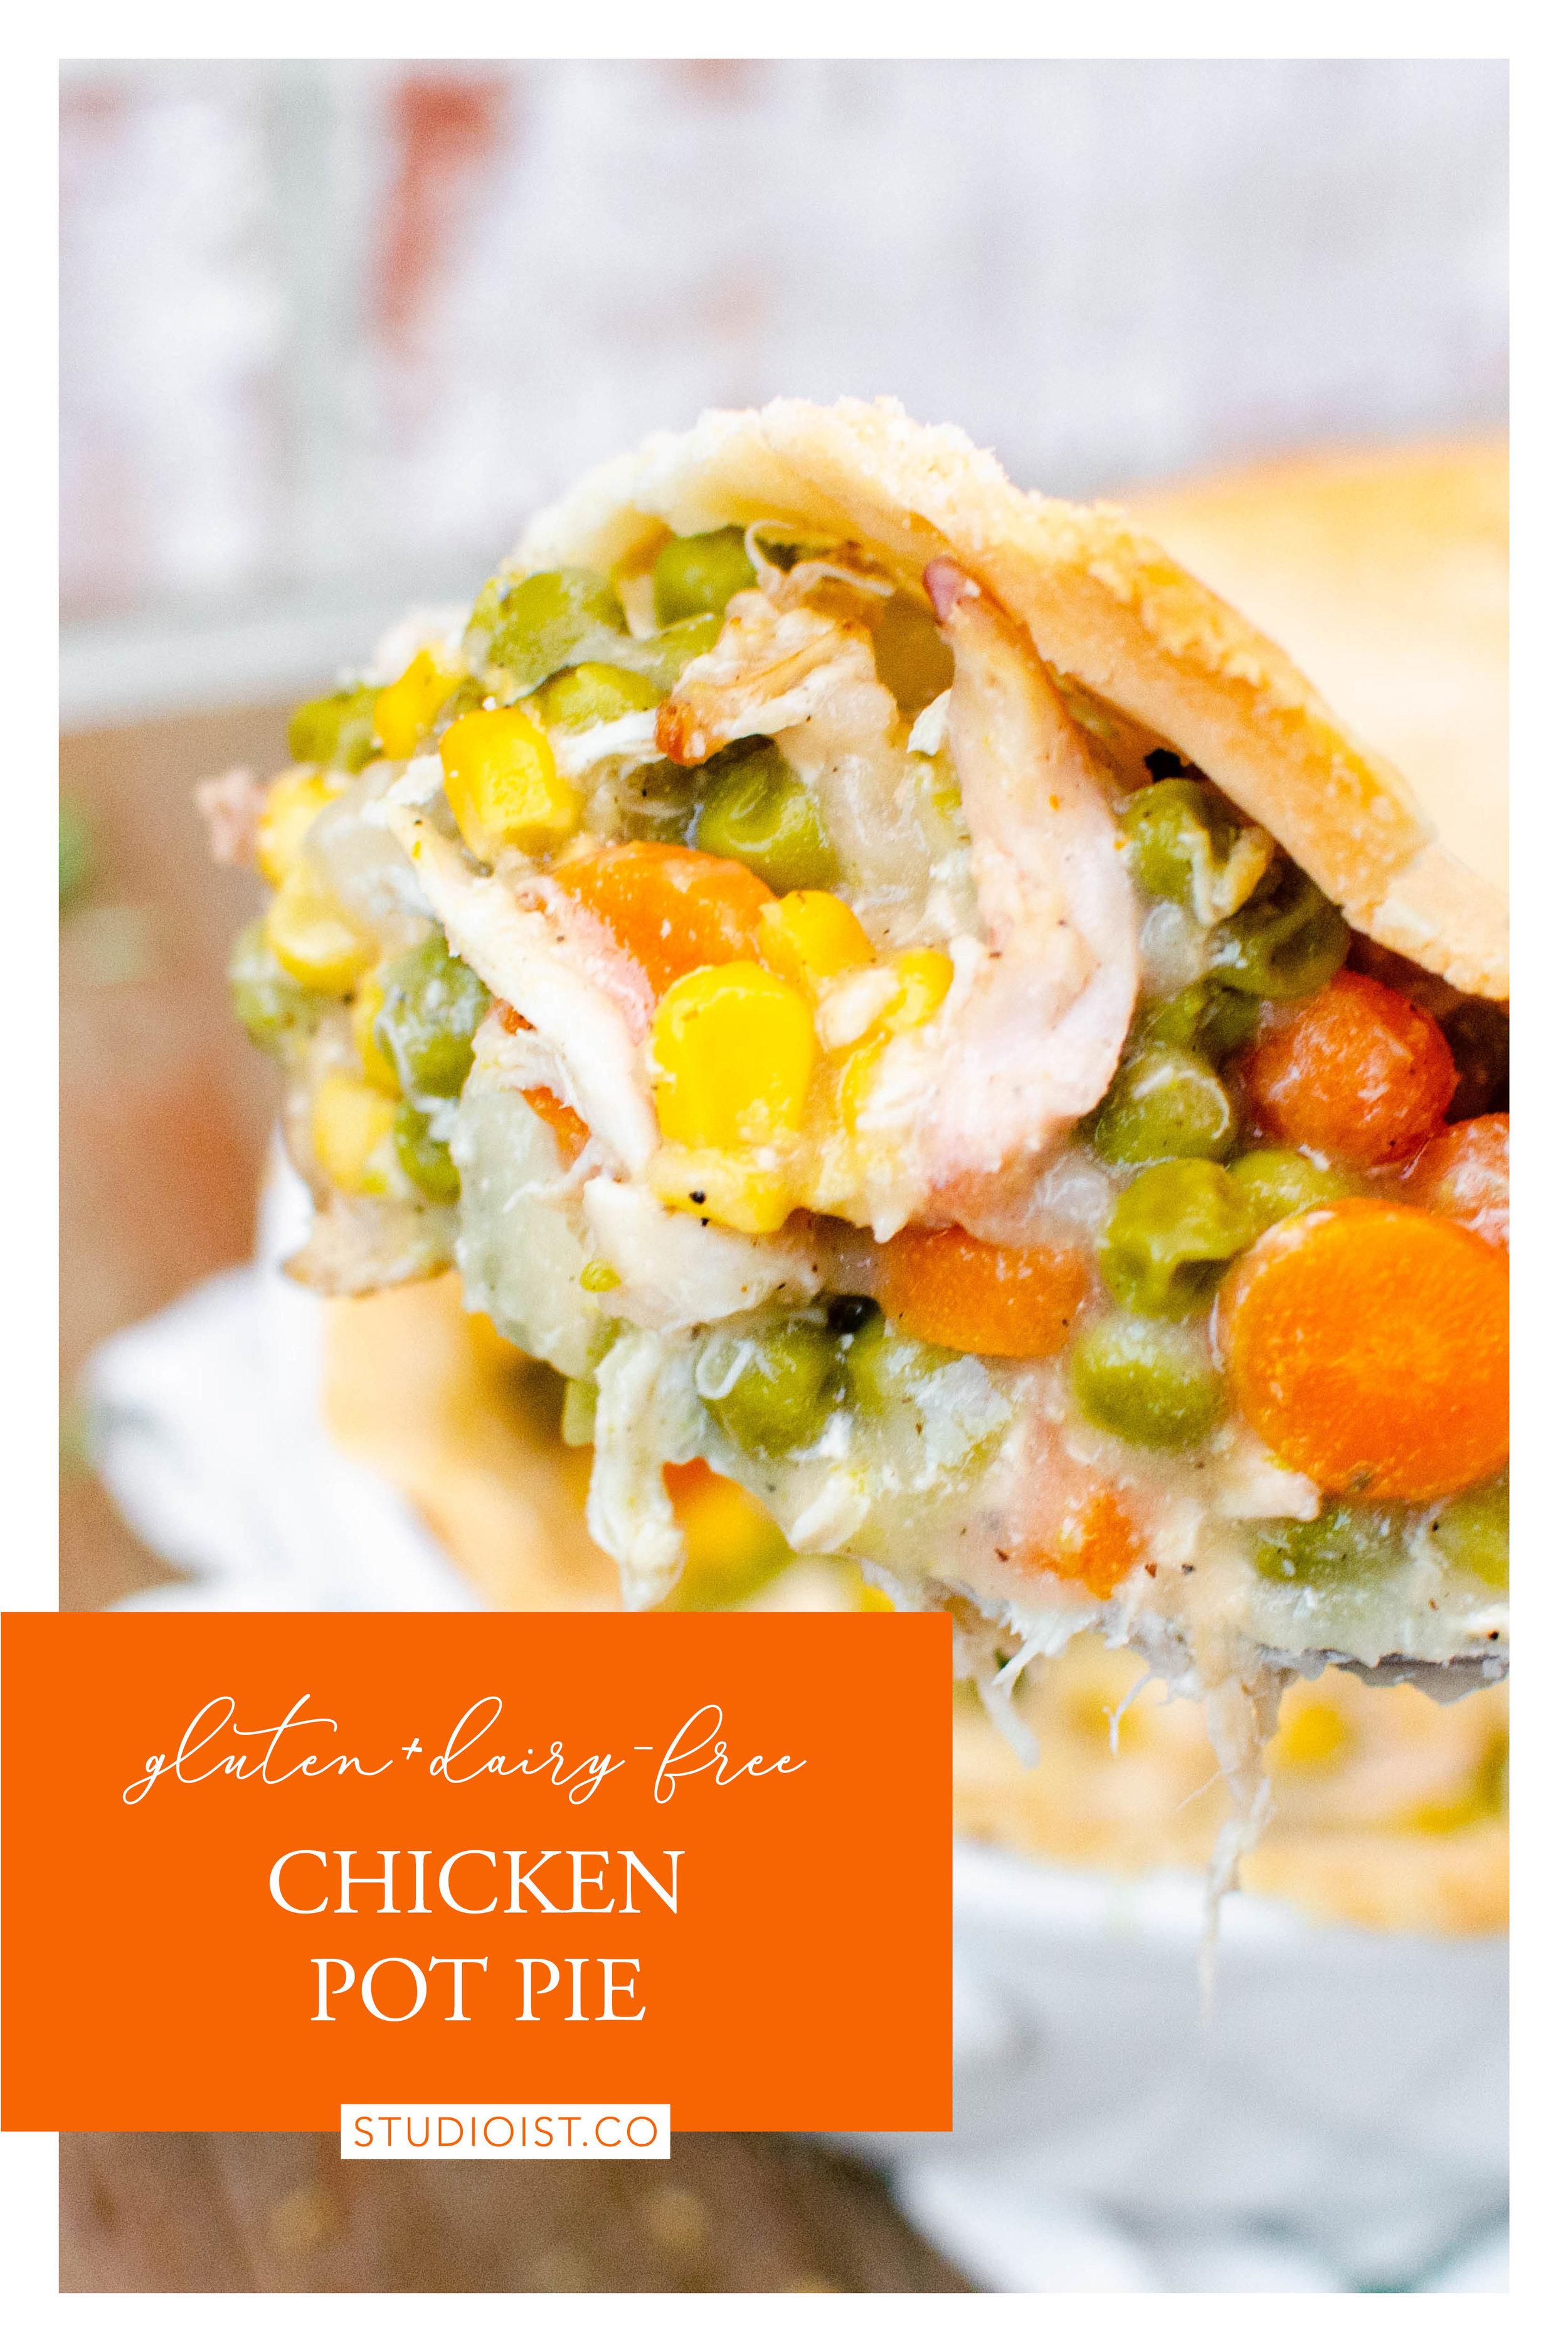 Studioist_Pinterest Design_Chicken Pot Pie4.jpg